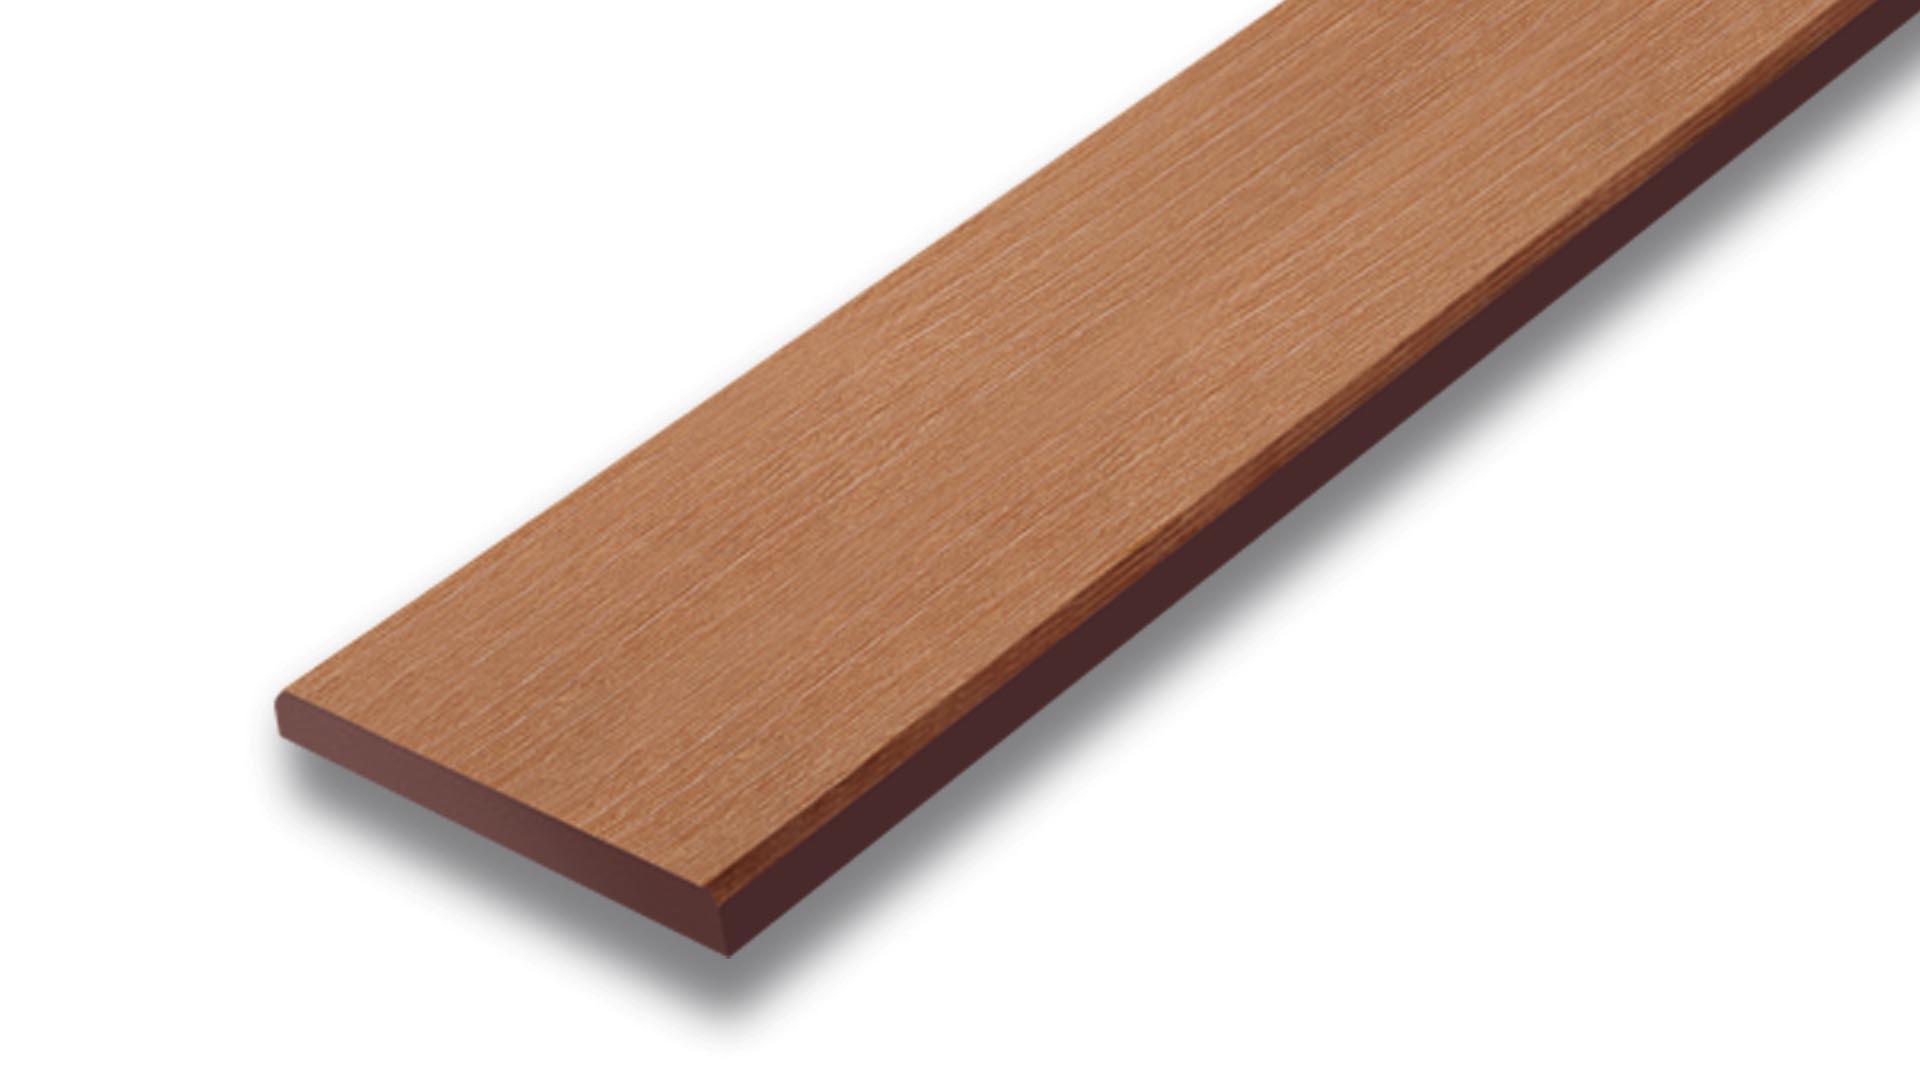 ไม้รั้ว ขนาด 15X400X1.2 ซม. สีรองพื้น